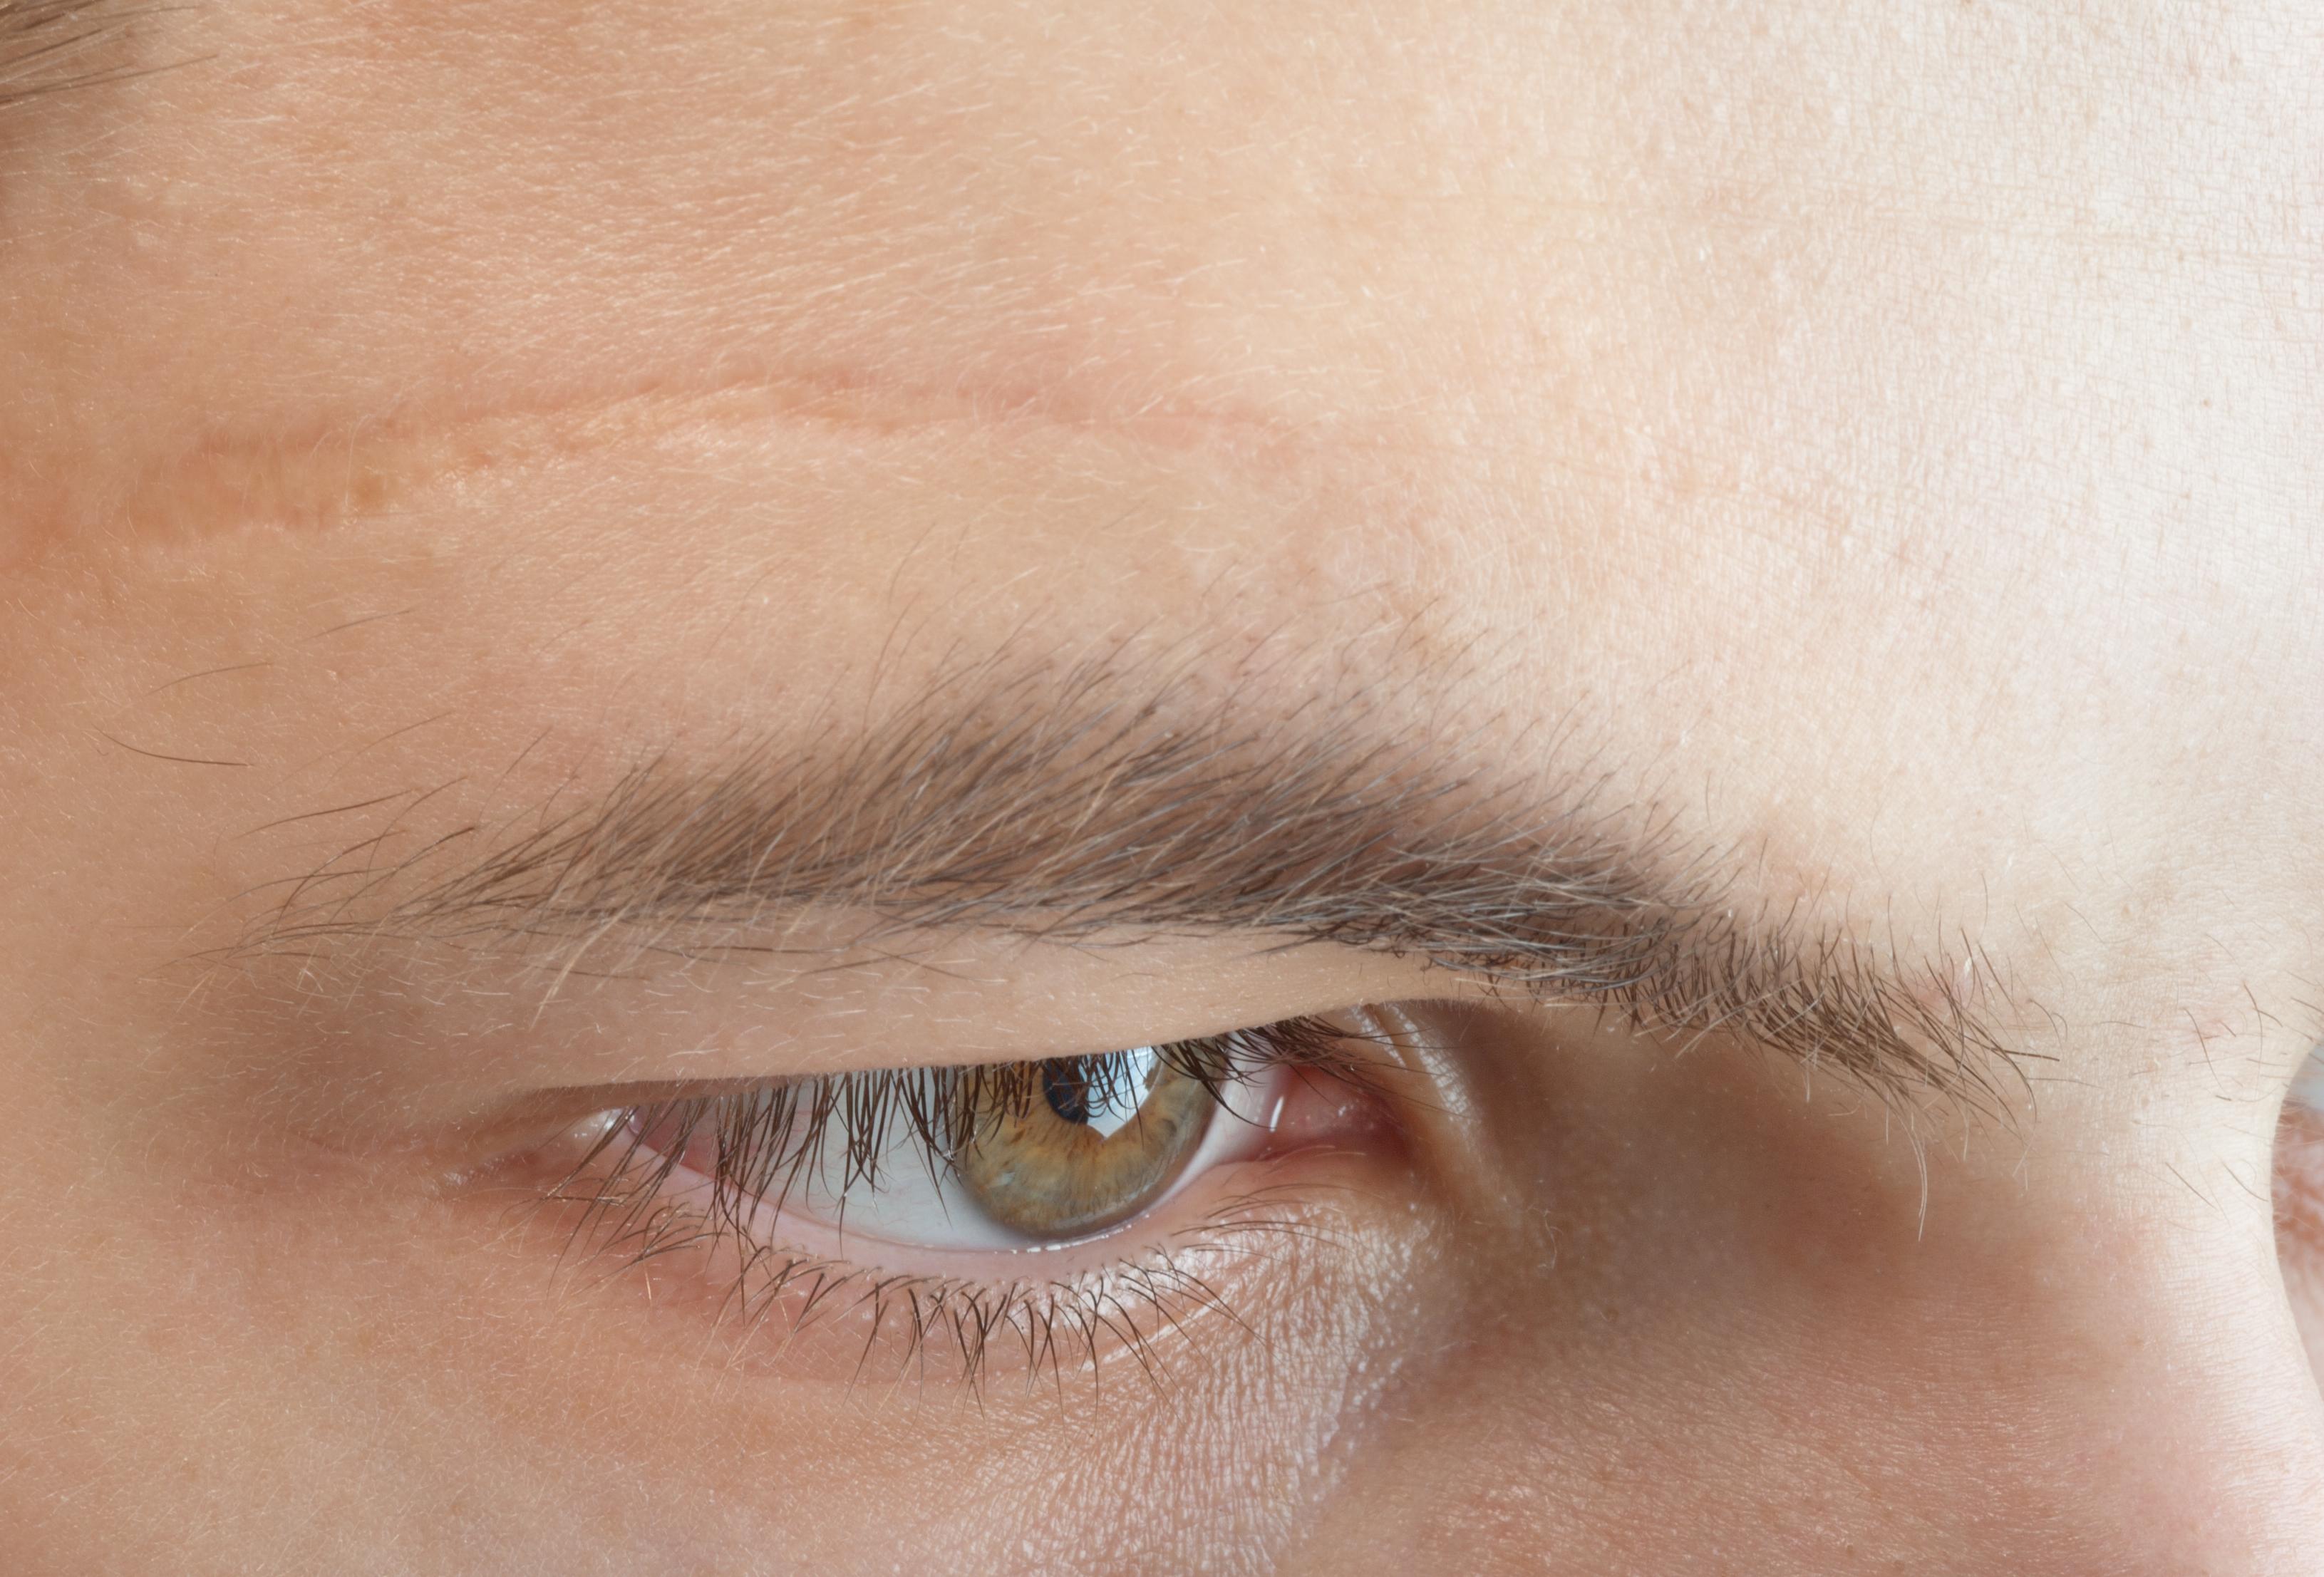 cicatrice et cicatrisation d'une plaie